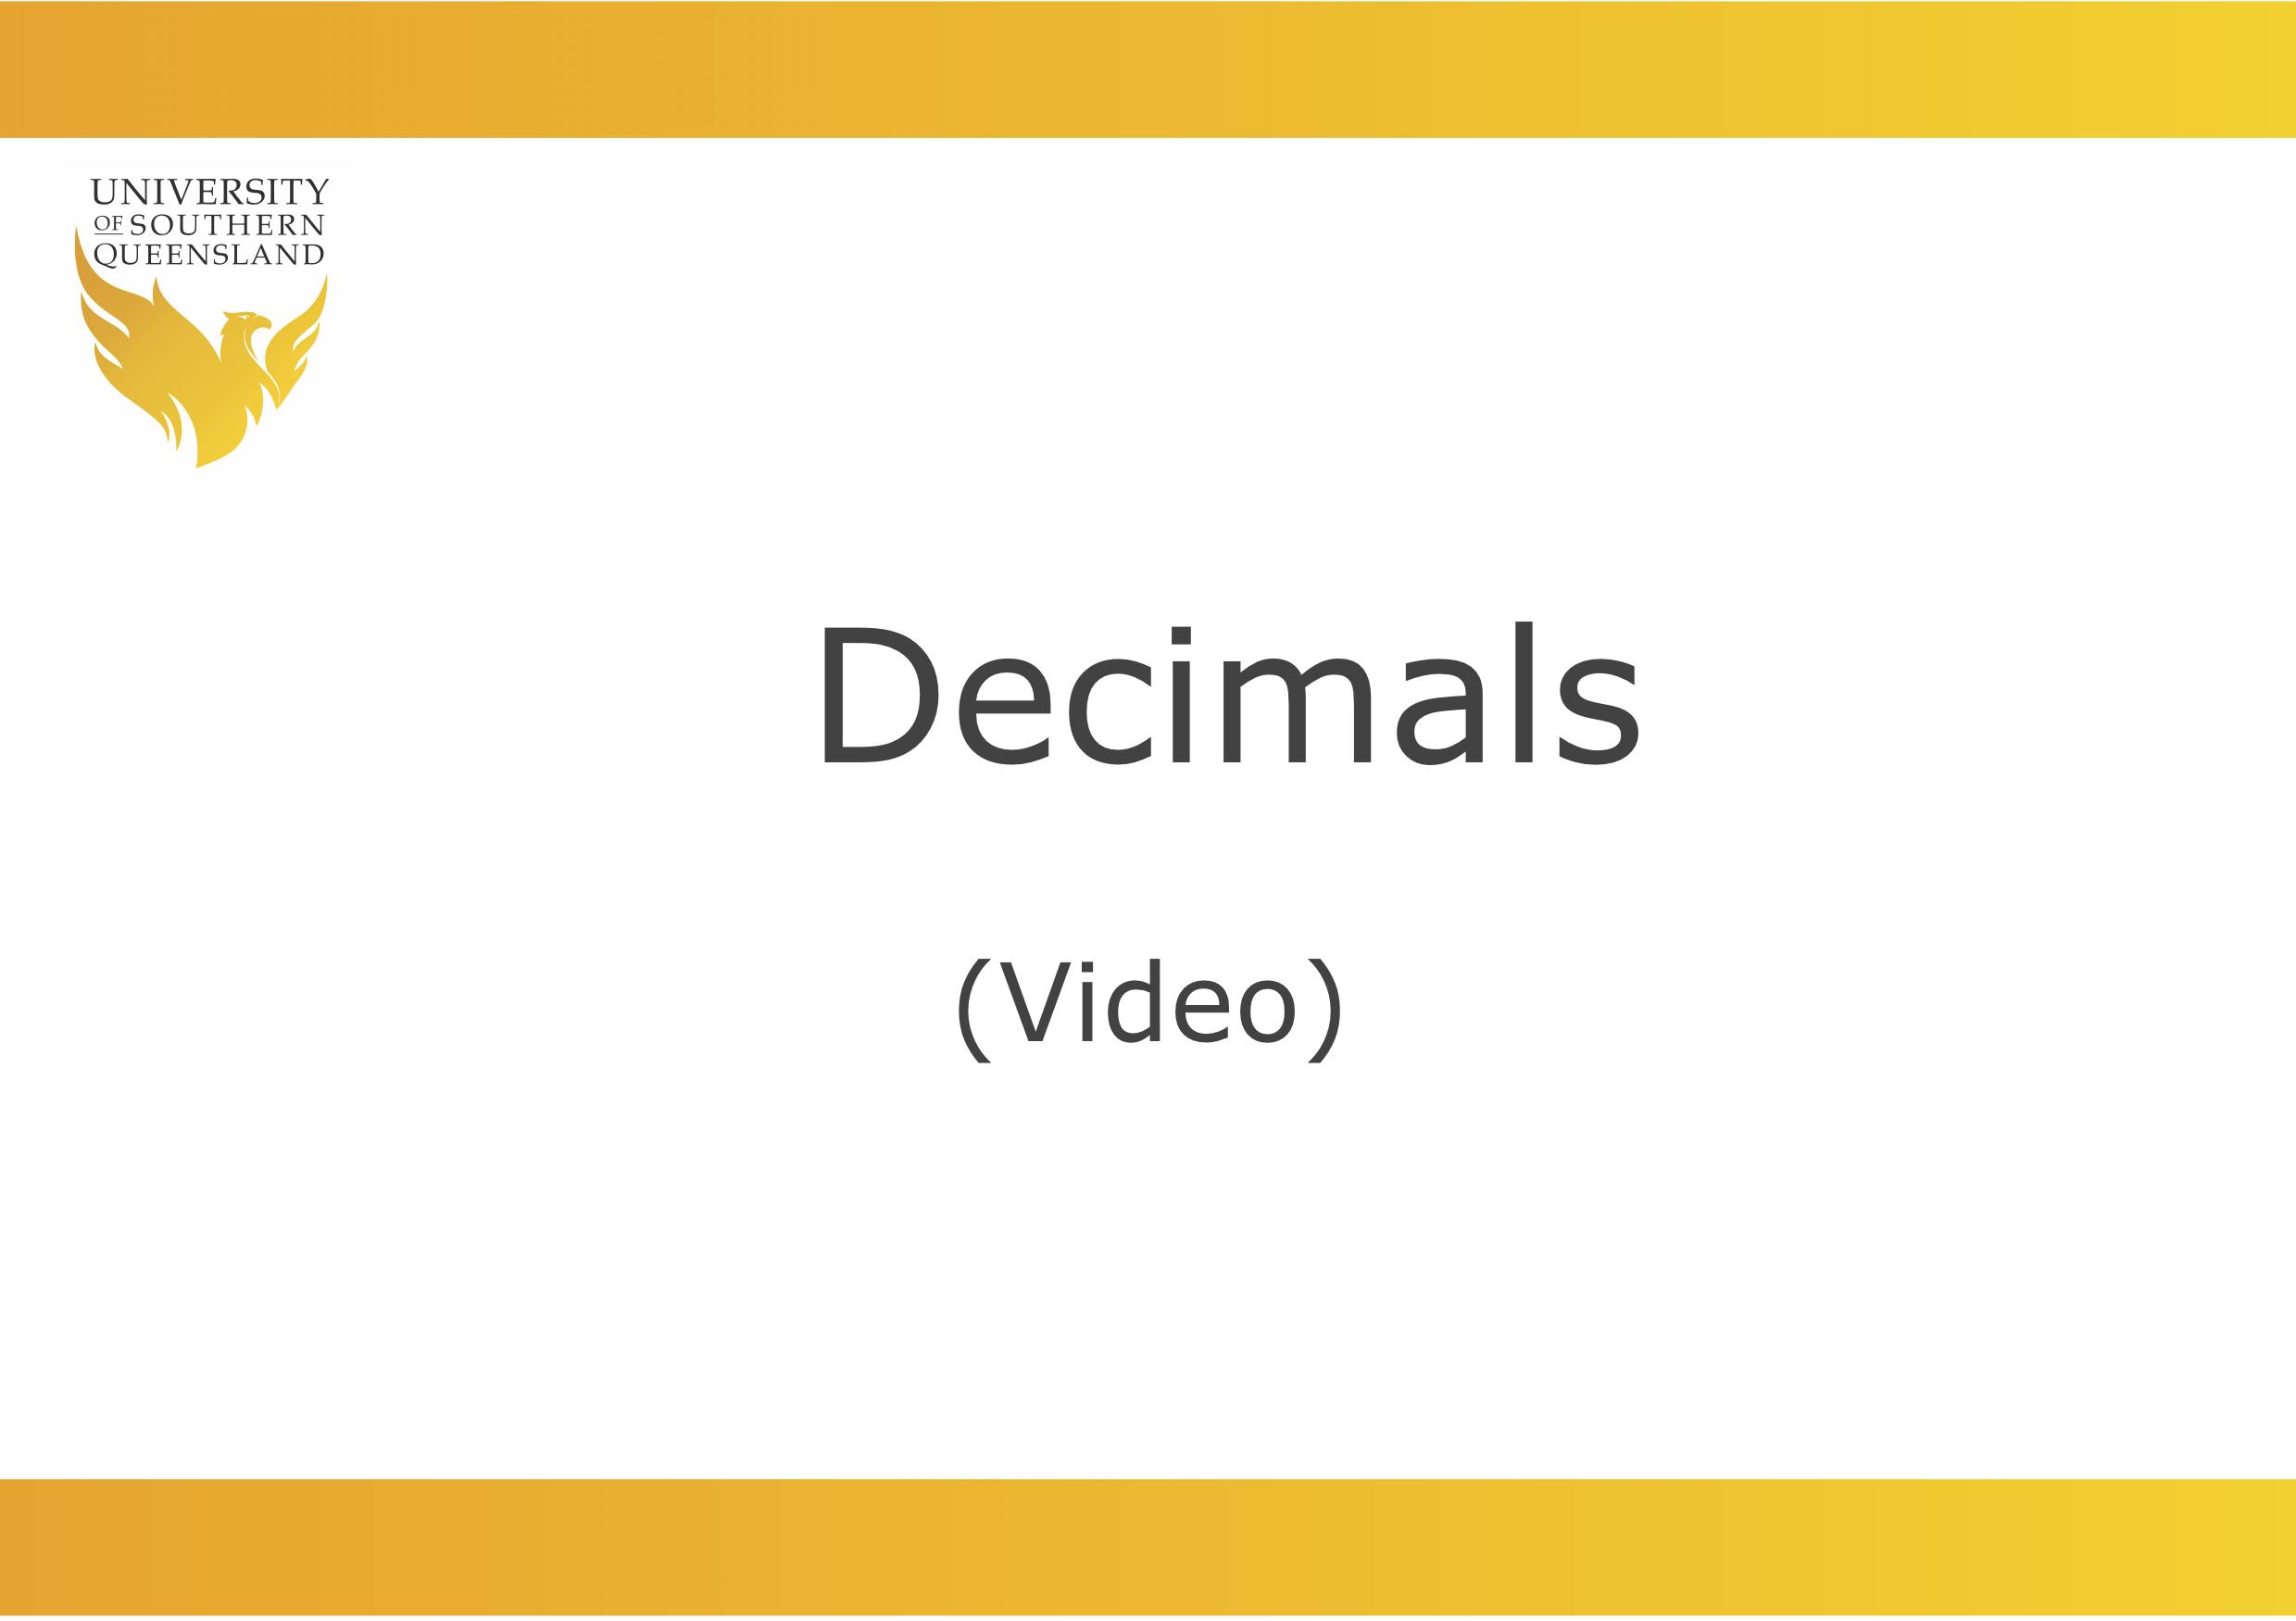 decimals-image